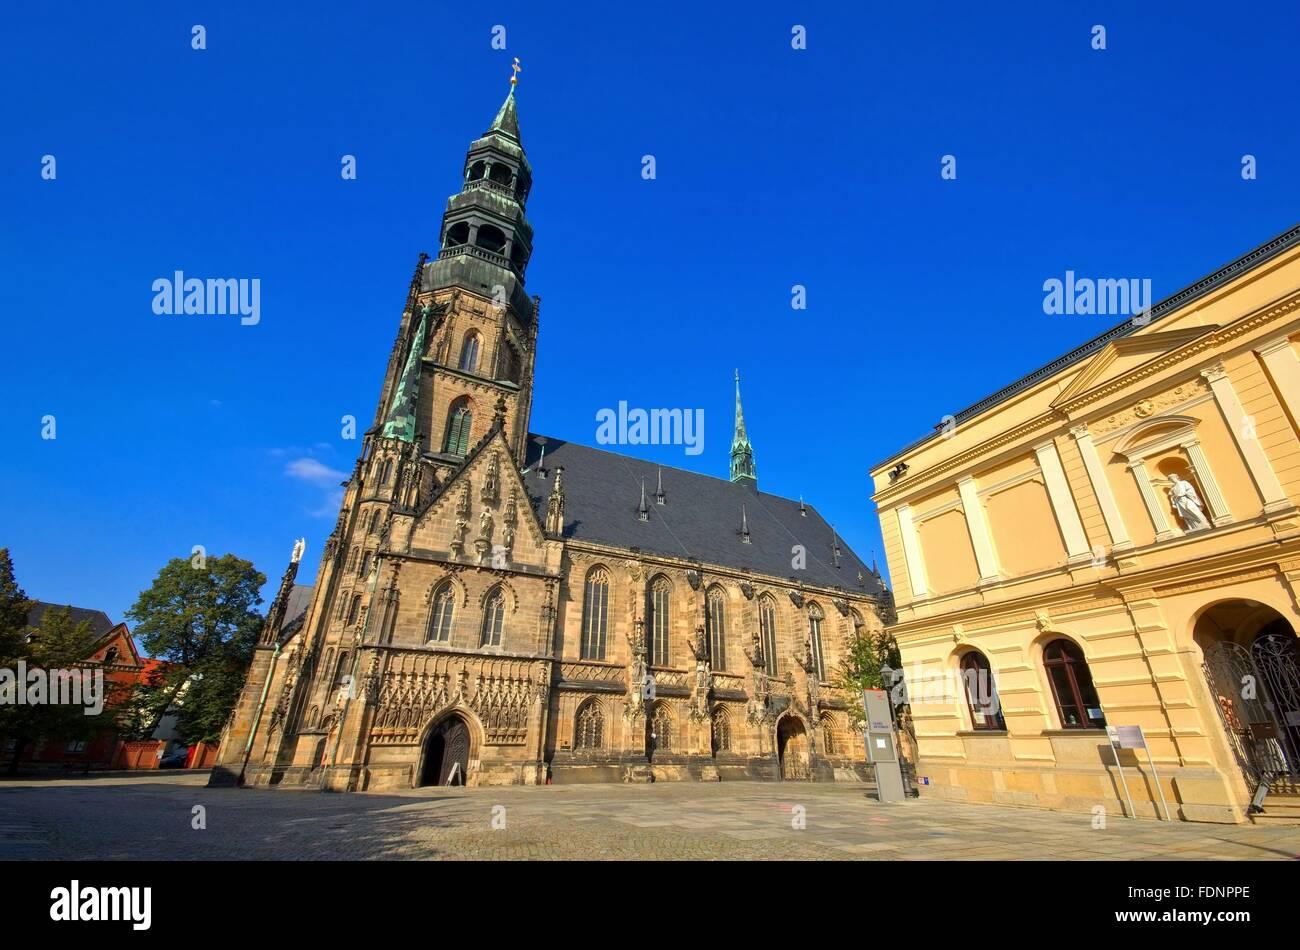 dom,zwickau,st mary's church - Stock Image